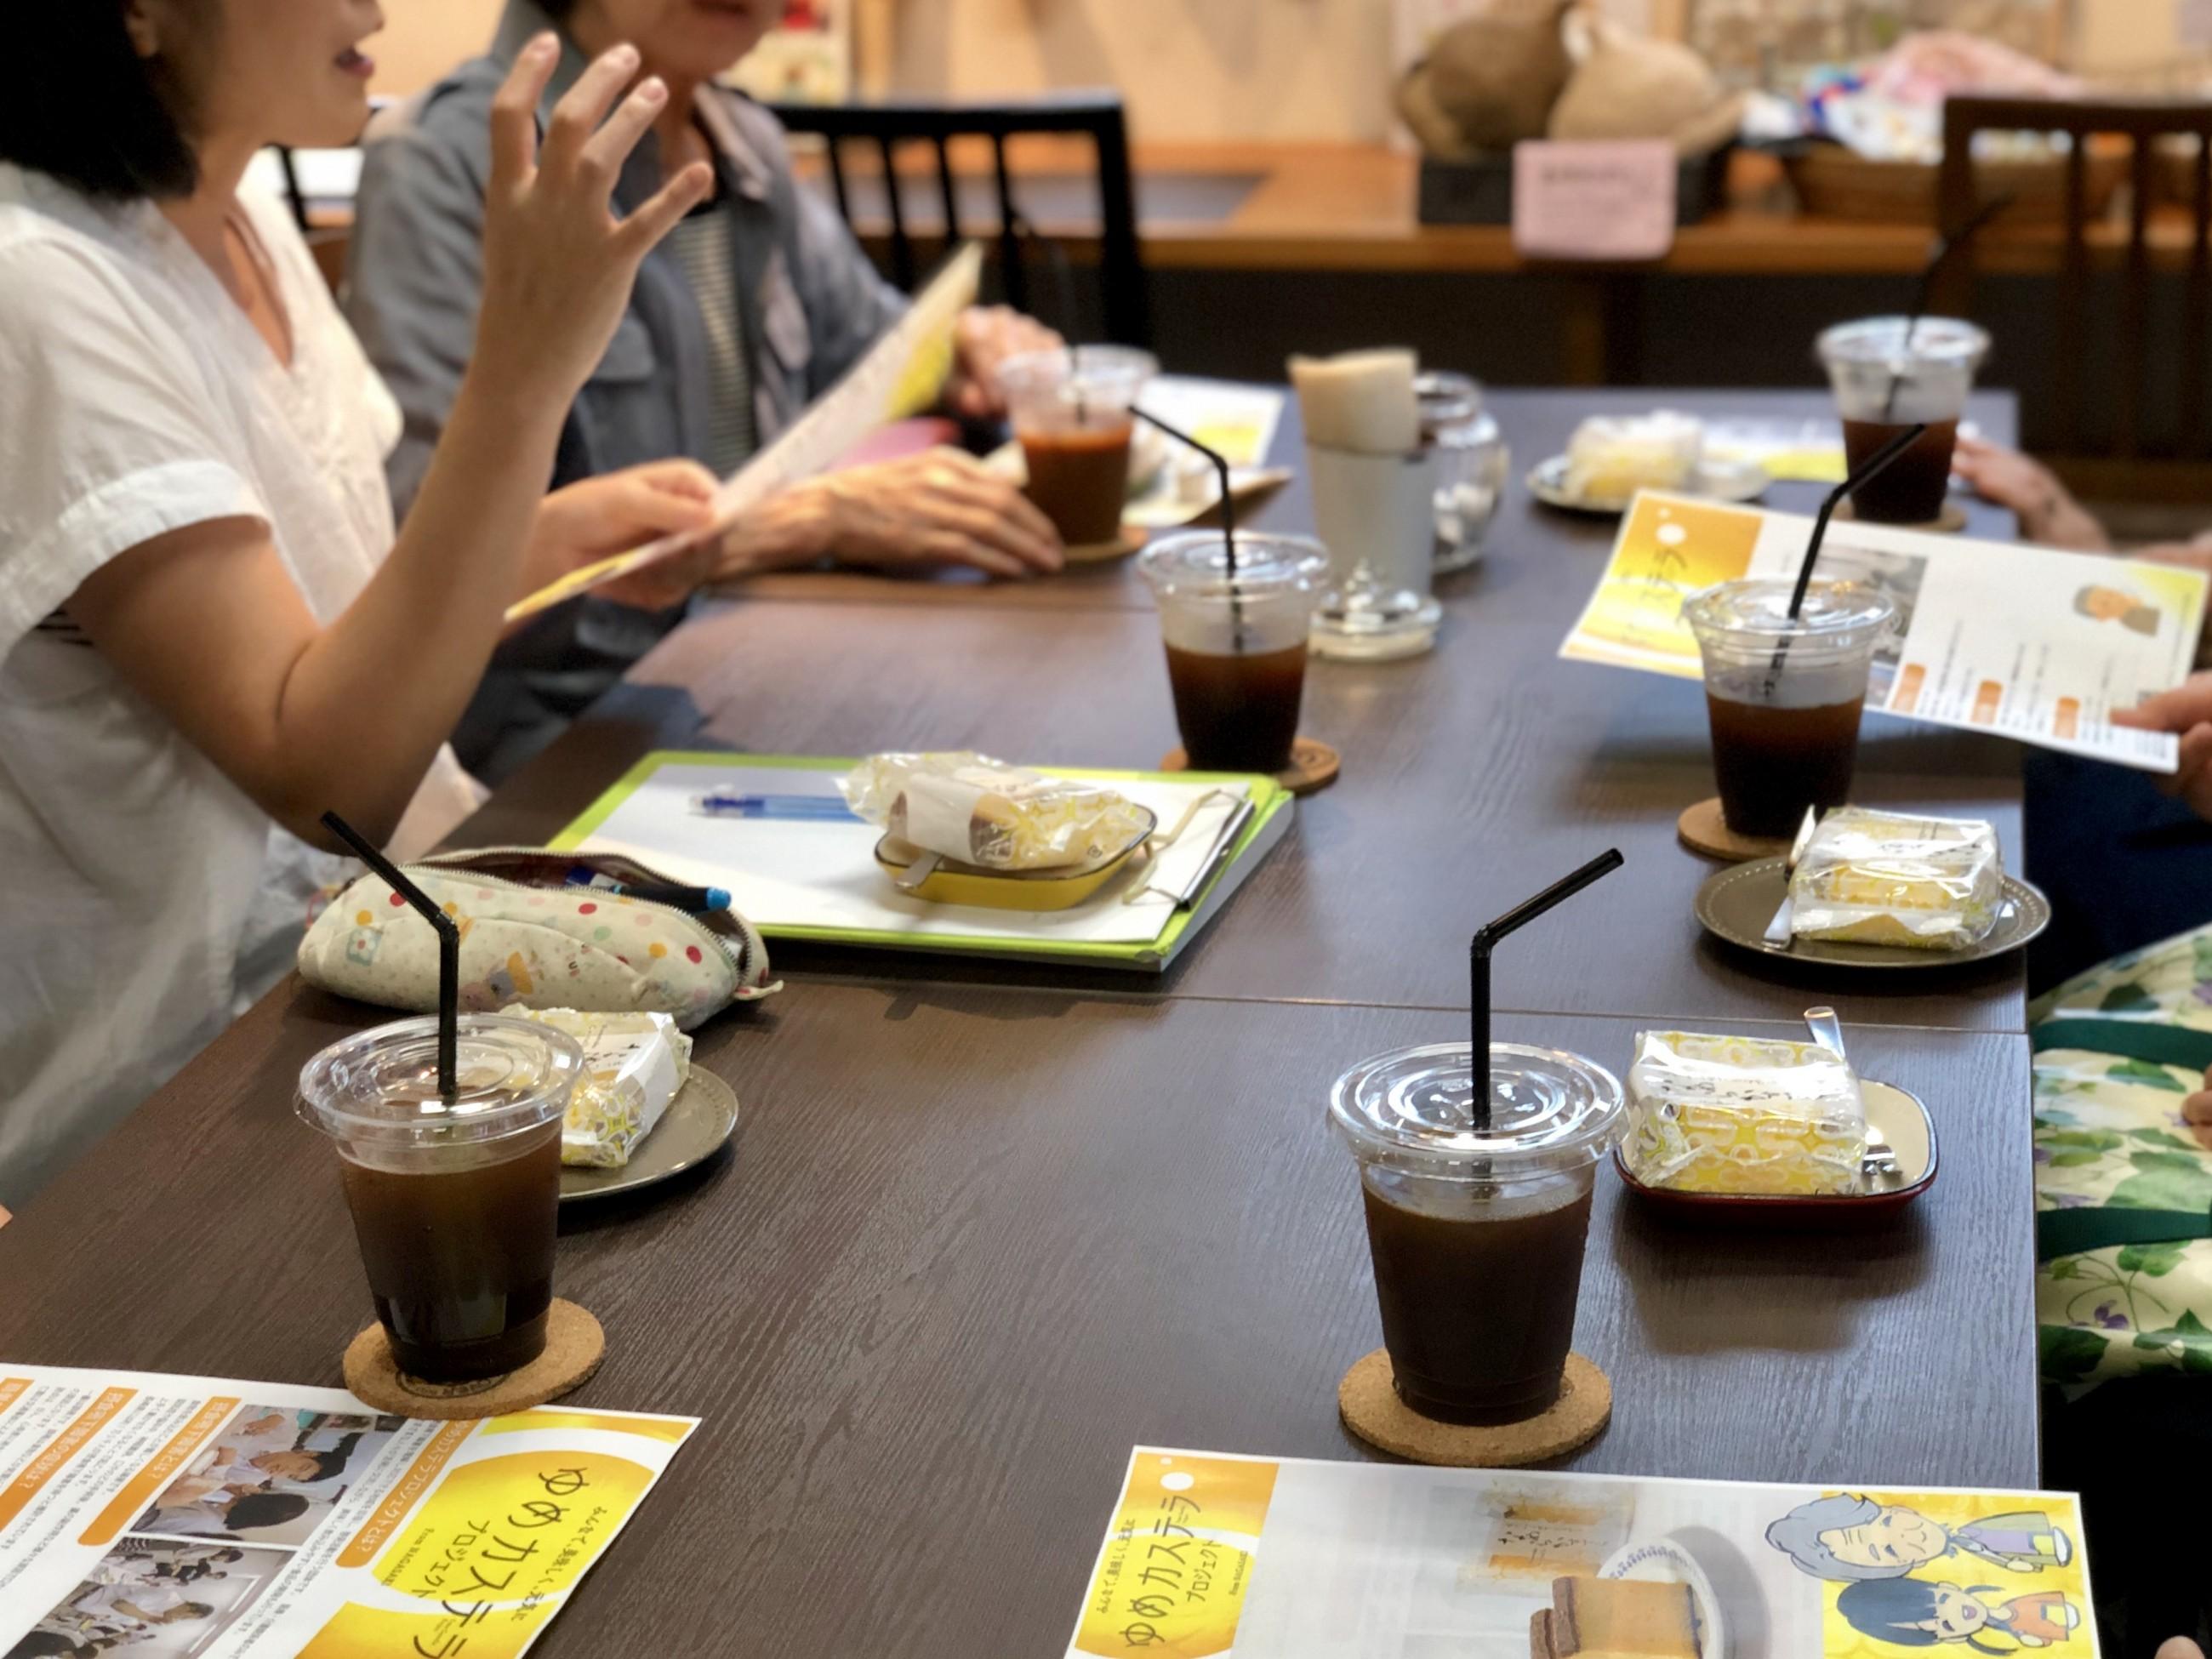 20190720_よろず相談カフェ06